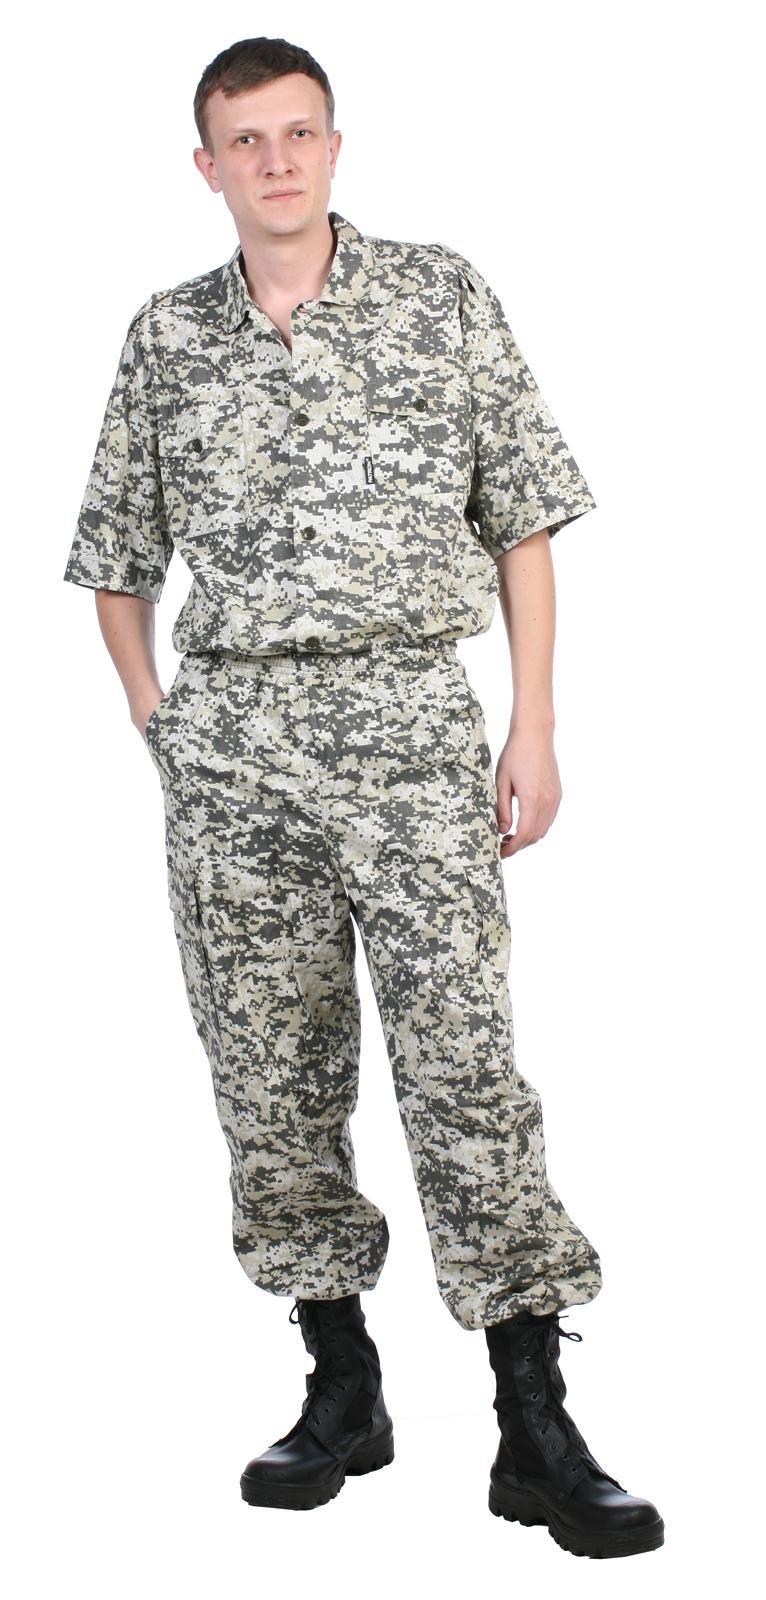 Брюки мужские Сафари 100% хлопокБрюки неутепленные<br>Легкие мужские брюки для отдыха на природе. <br>Ткань 100% хлопок (бязь). Плотность 135г/кв.м. <br>5 карманов<br><br>Пол: мужской<br>Сезон: лето<br>Цвет: серый<br>Материал: хлопок